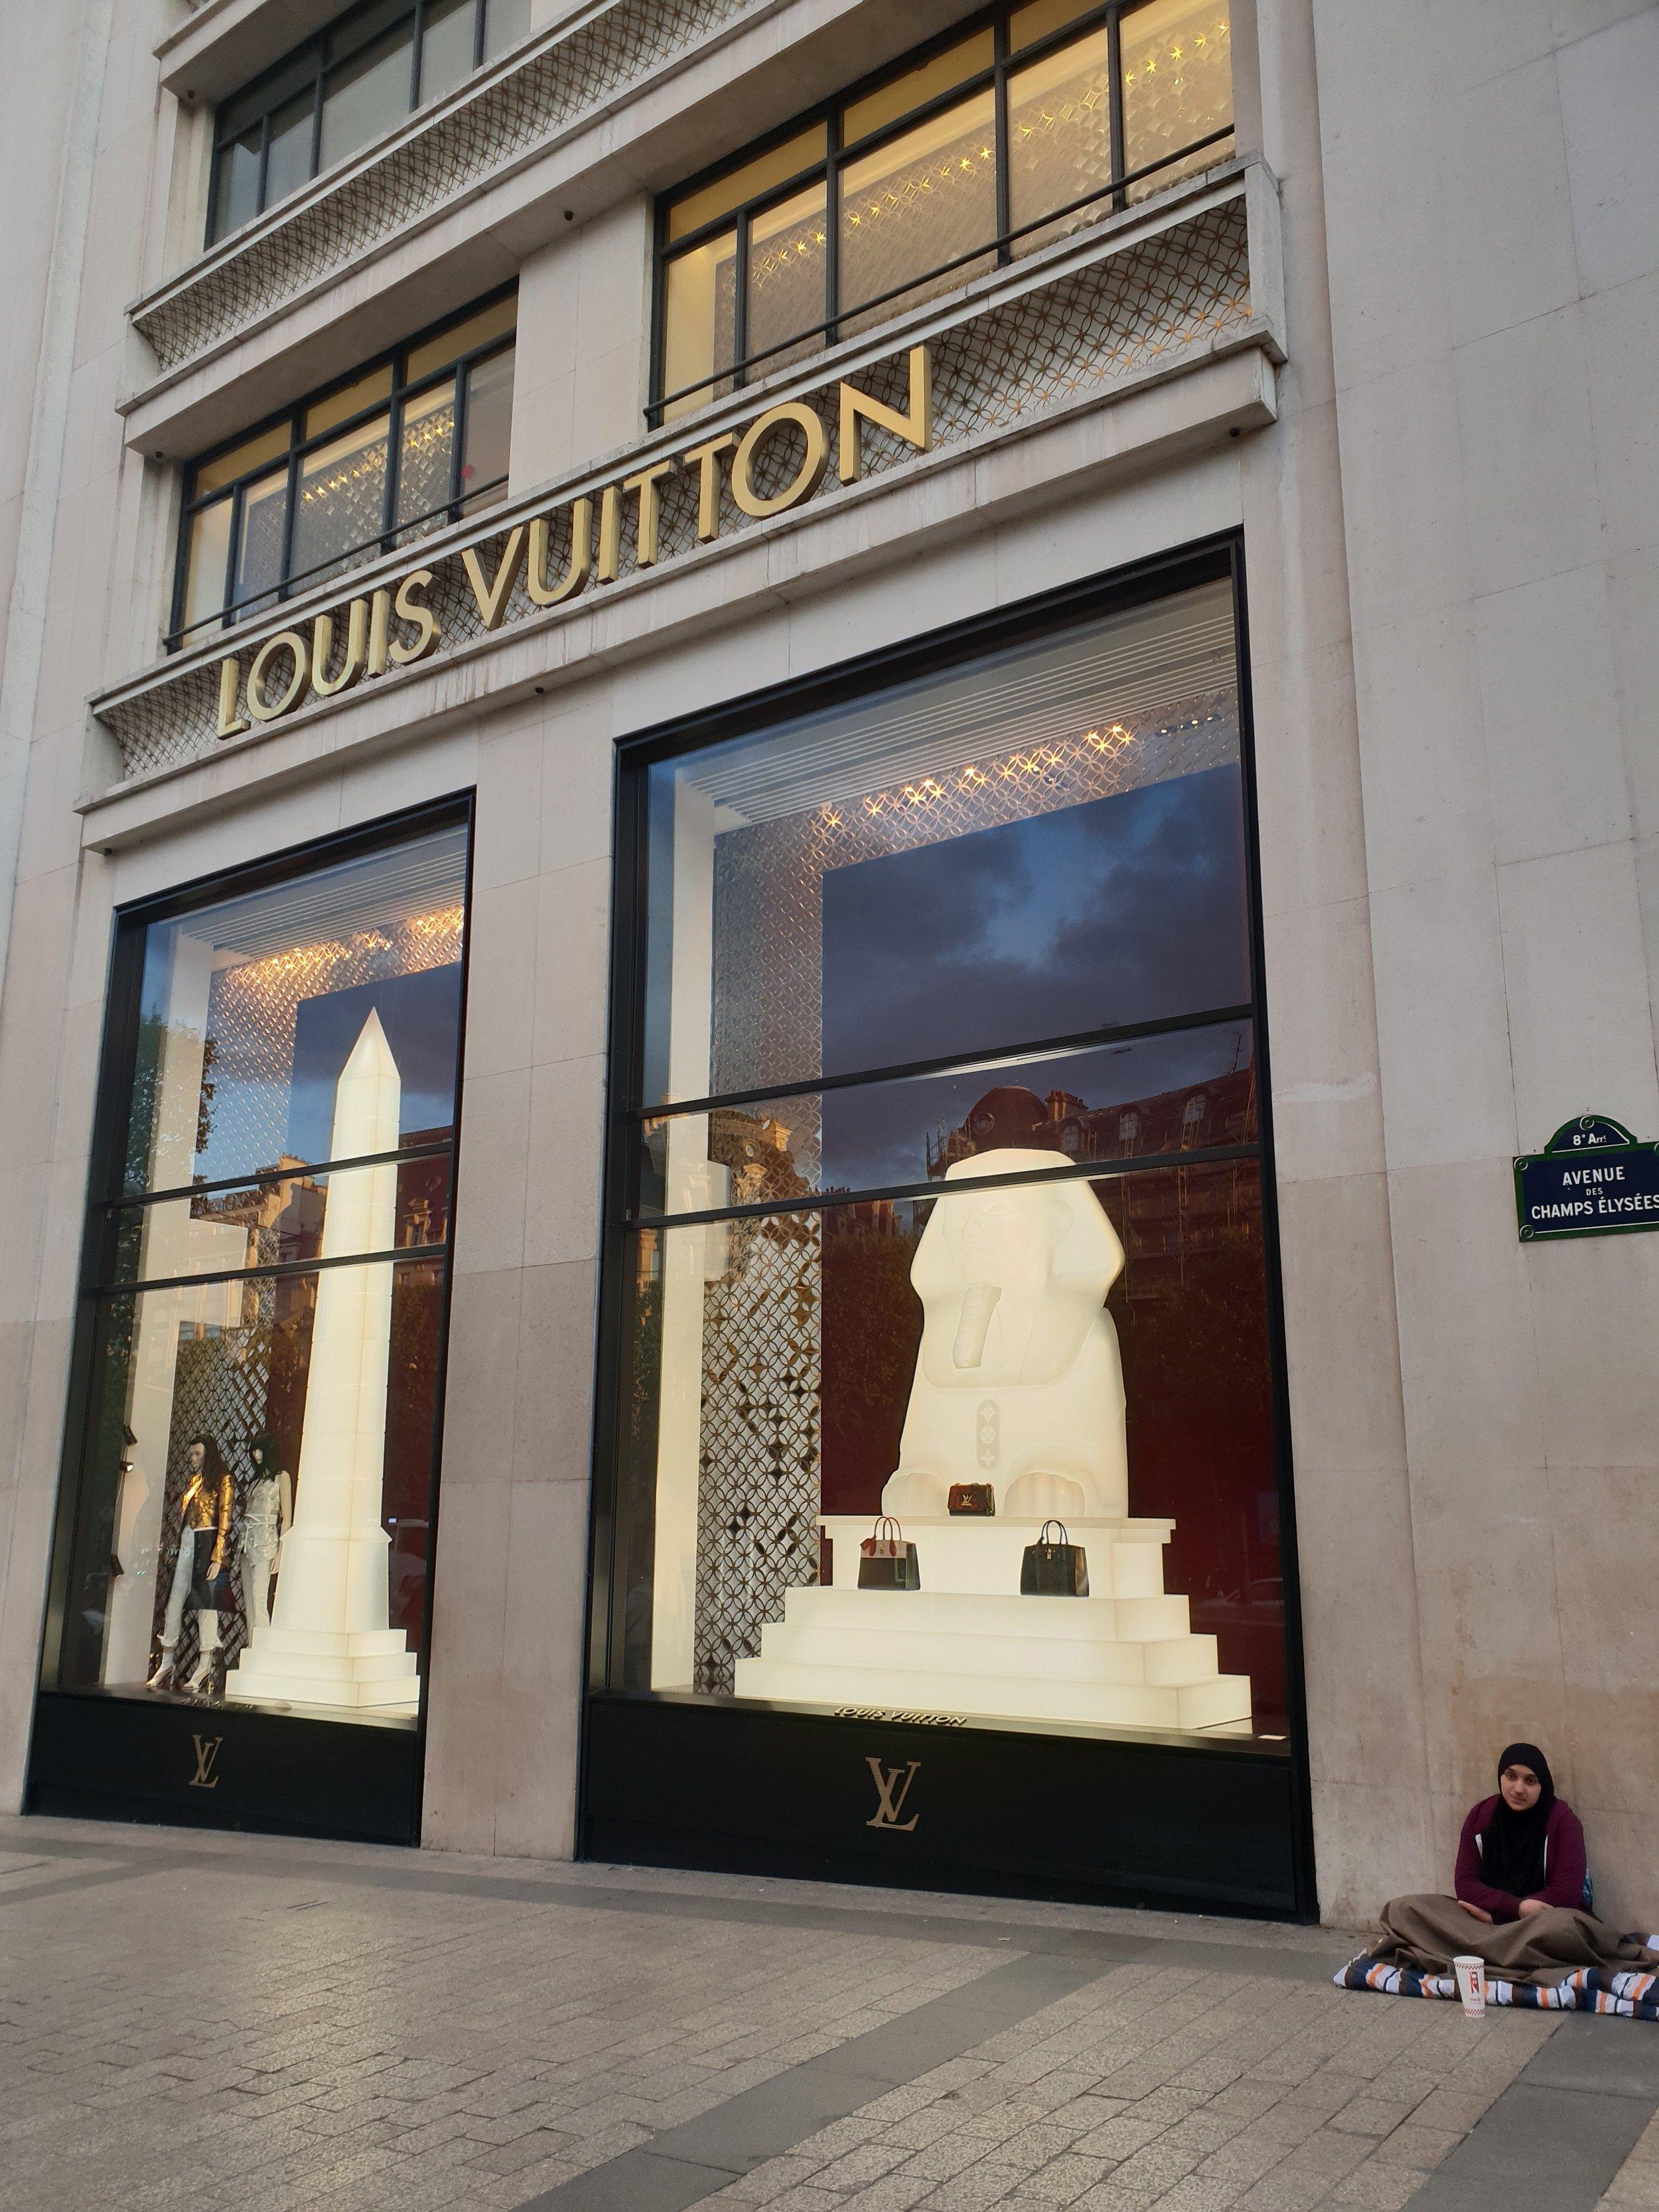 Louis Vuitton, Des Champs Elysees